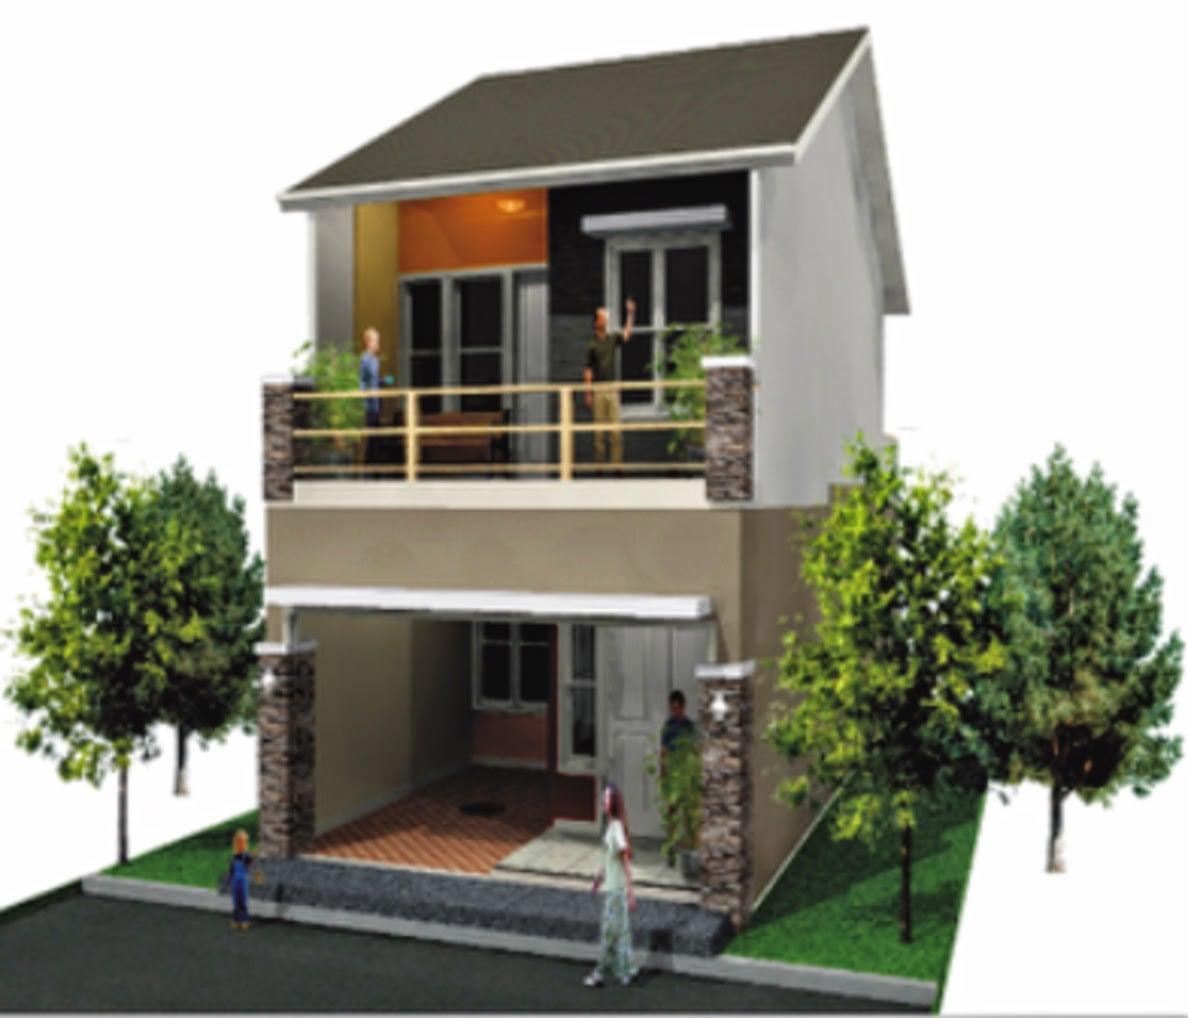 Cantik 21 Gambar Rumah Minimalis 44 Renovasi Desain Interior Untuk Renovasi Rumah dengan 21 Gambar Rumah Minimalis